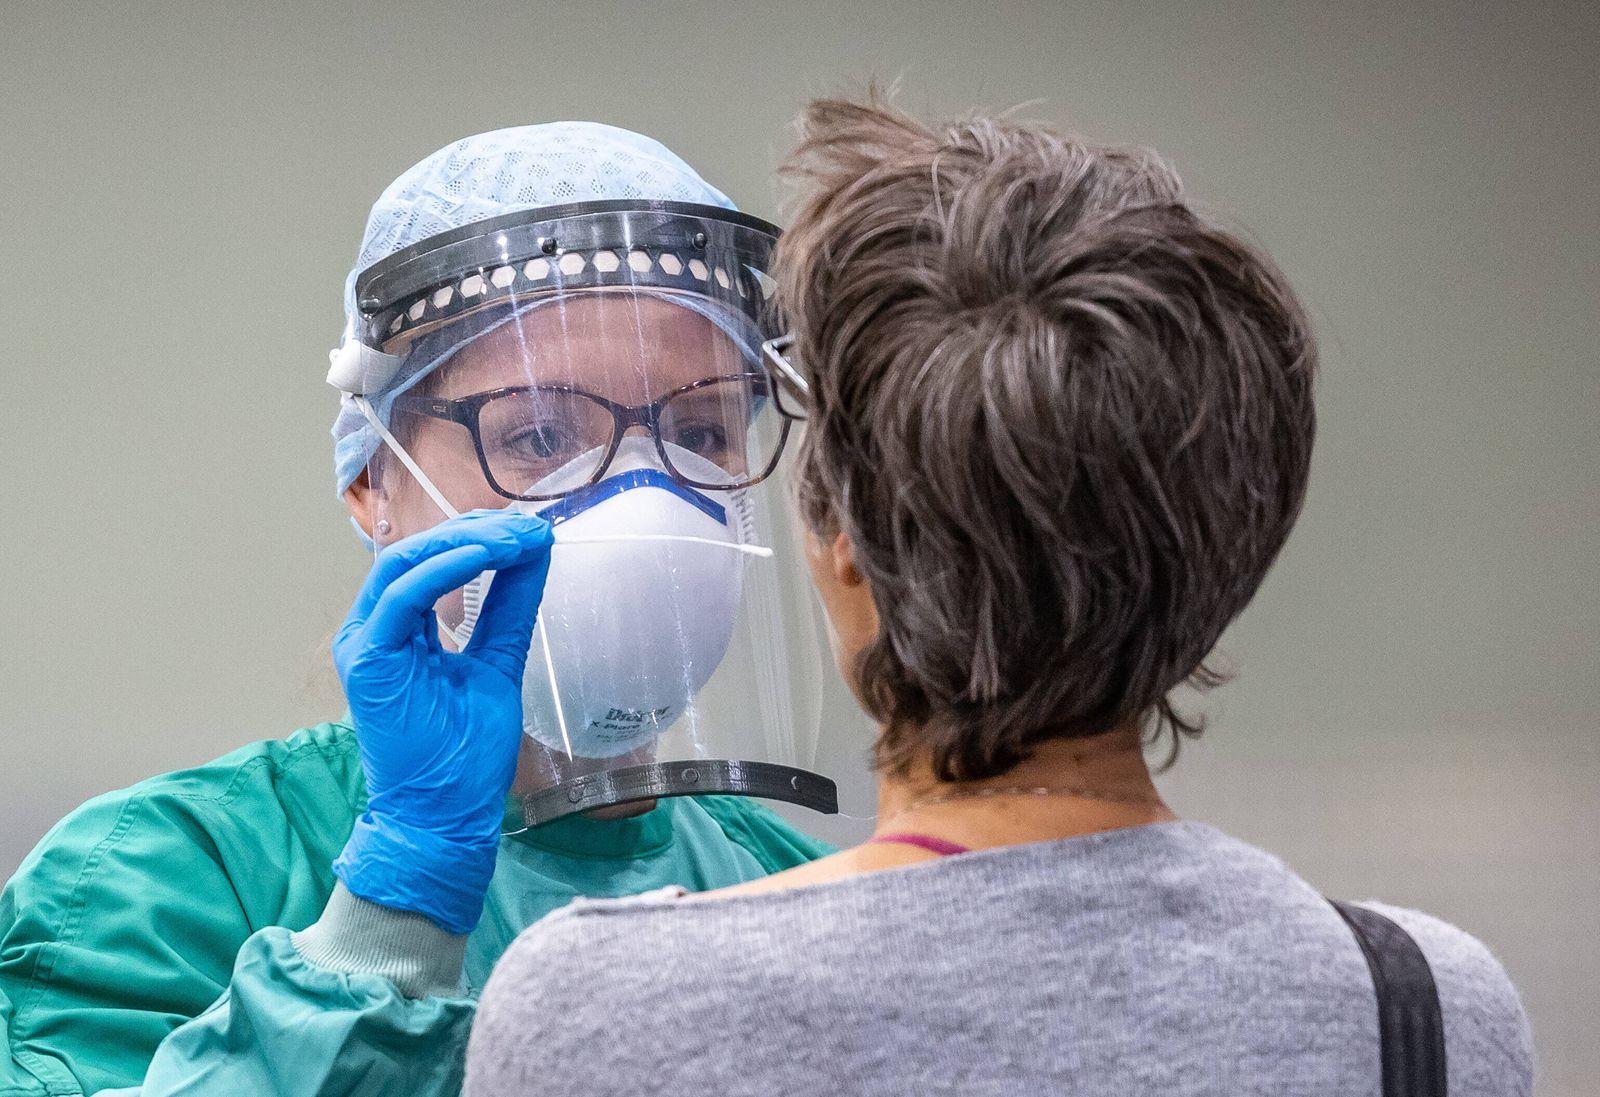 Innsbruck THEMENBILD - Mitarbeiter des Roten Kreuzes nimmt mit einem Staebchen einen Abstrich bei Personen mit Erkrankun